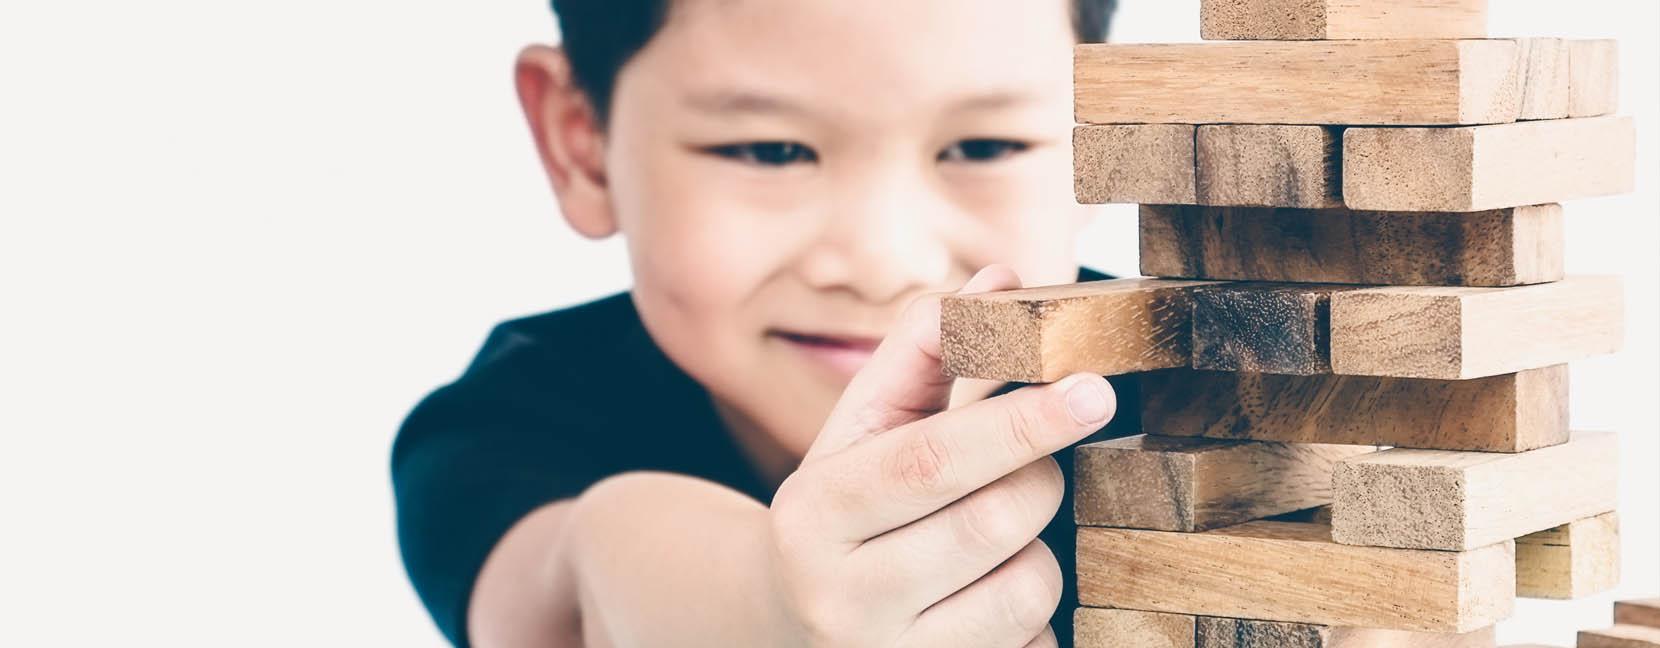 Bambino che sfila un mattoncino di legno da una torre